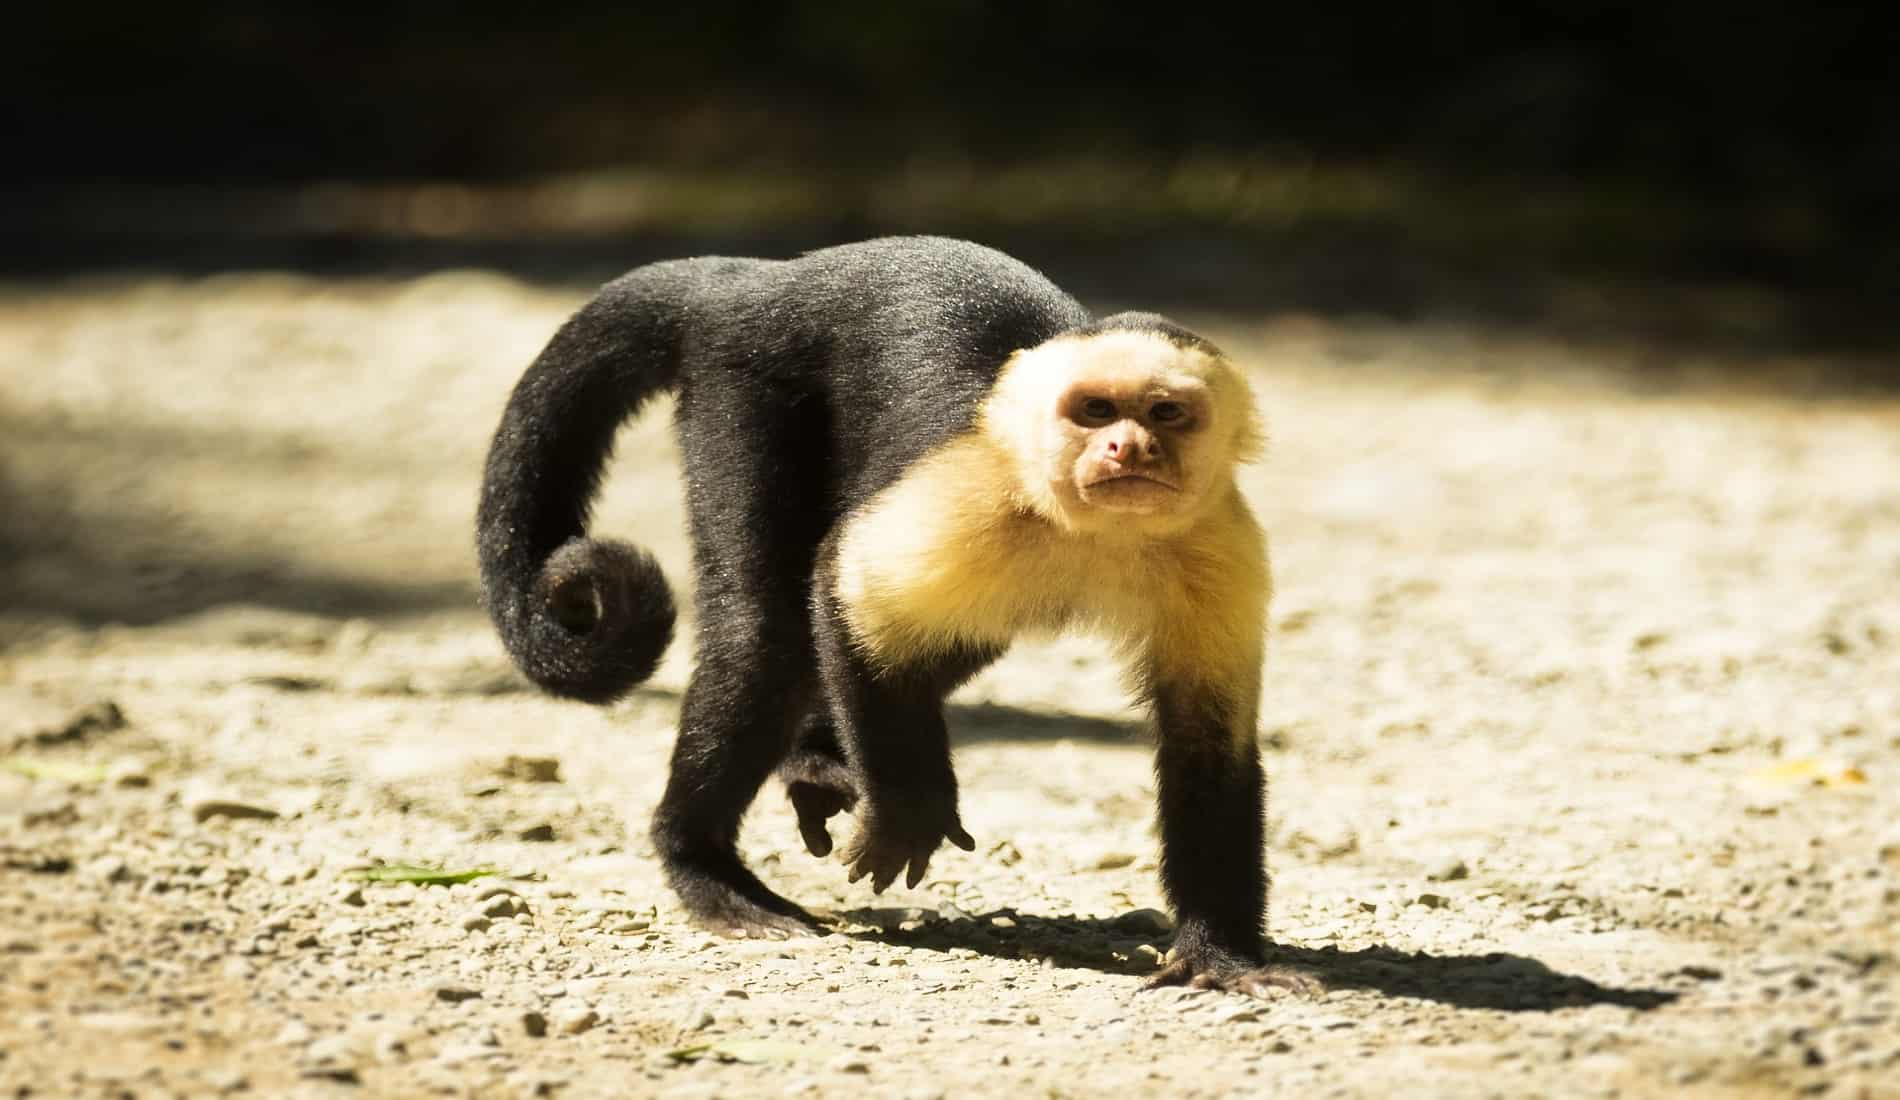 kapucijnaap in costa rica